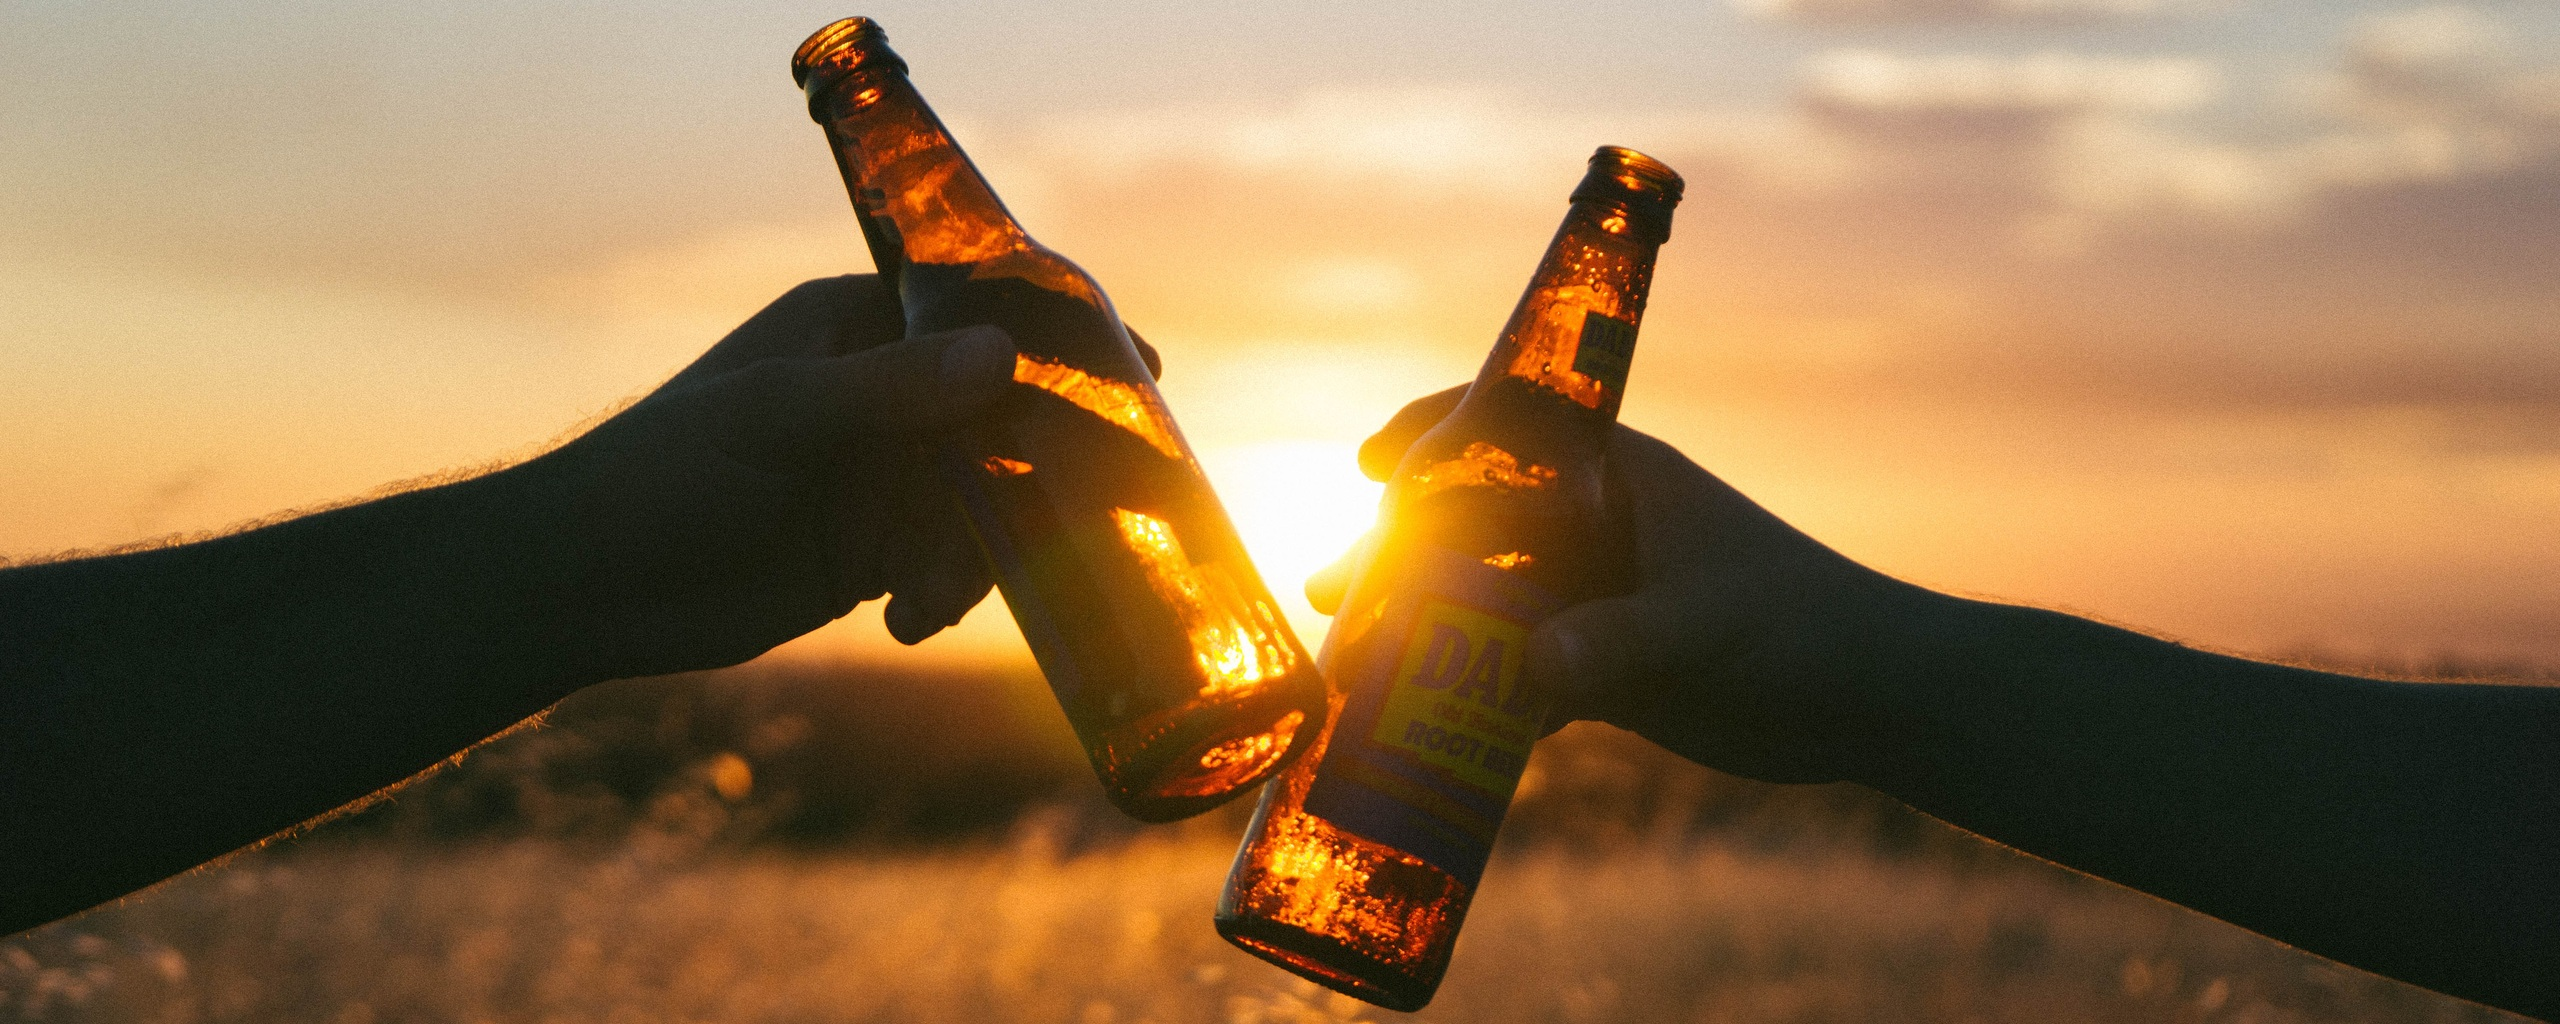 beverage-drink-beer-cheers-5k-e4.jpg